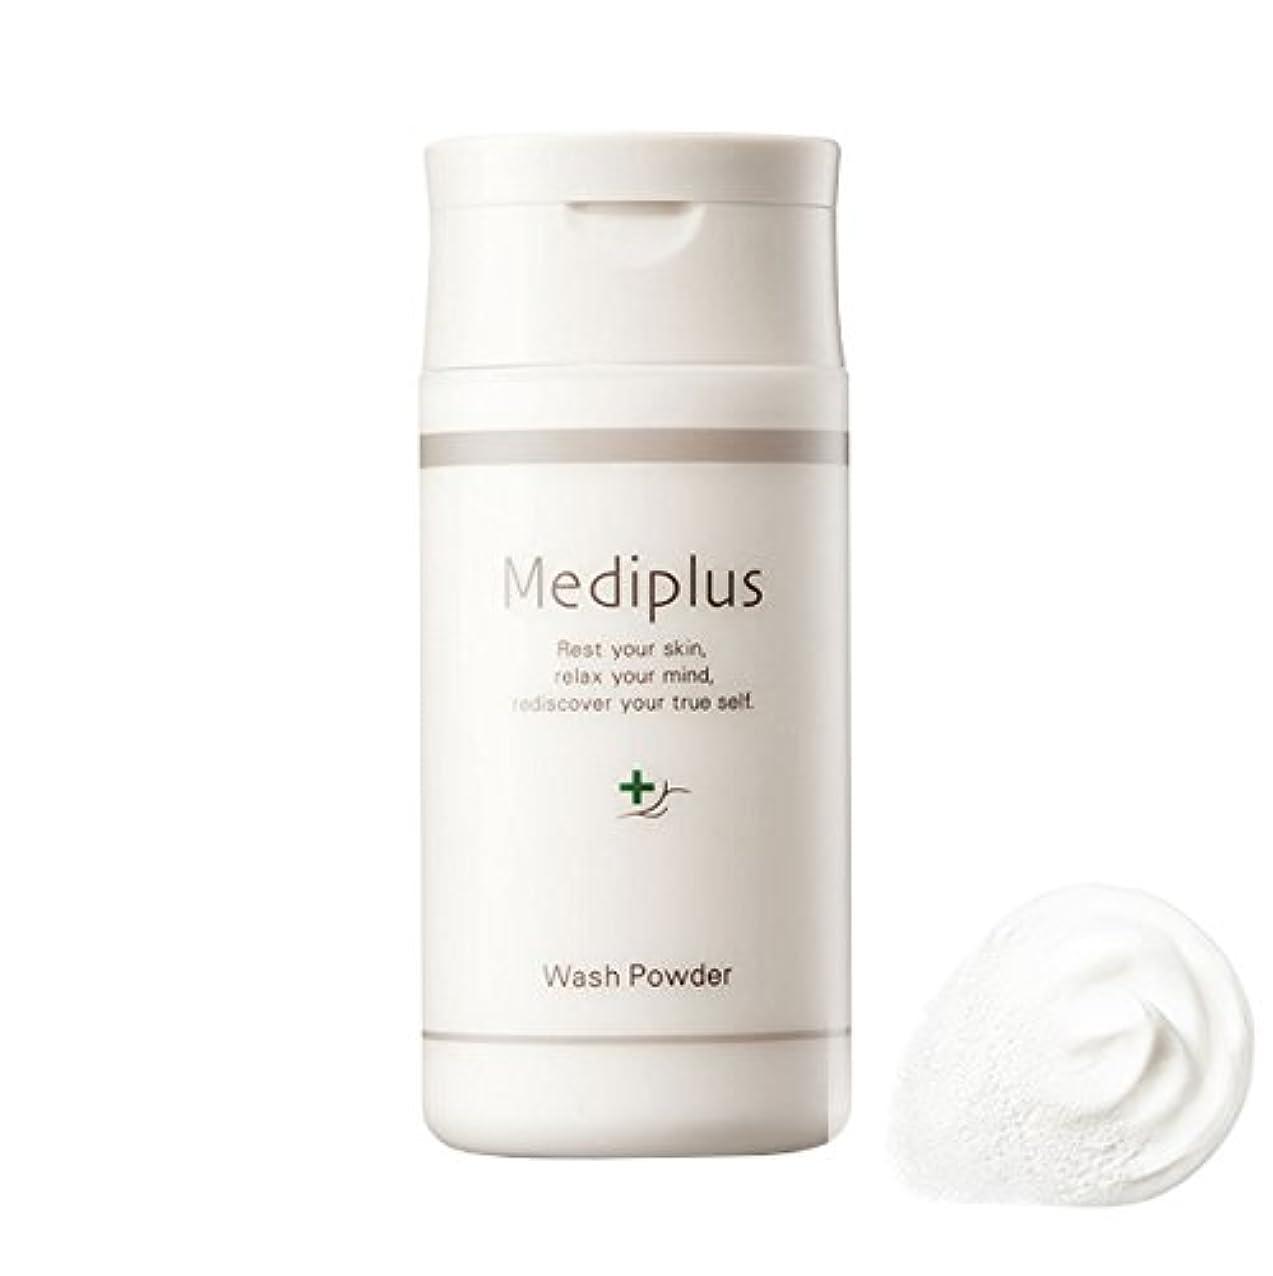 薬理学豆腐気をつけてmediplus メディプラス 酵素洗顔料 ウォッシュパウダー 60g 約2ヶ月分